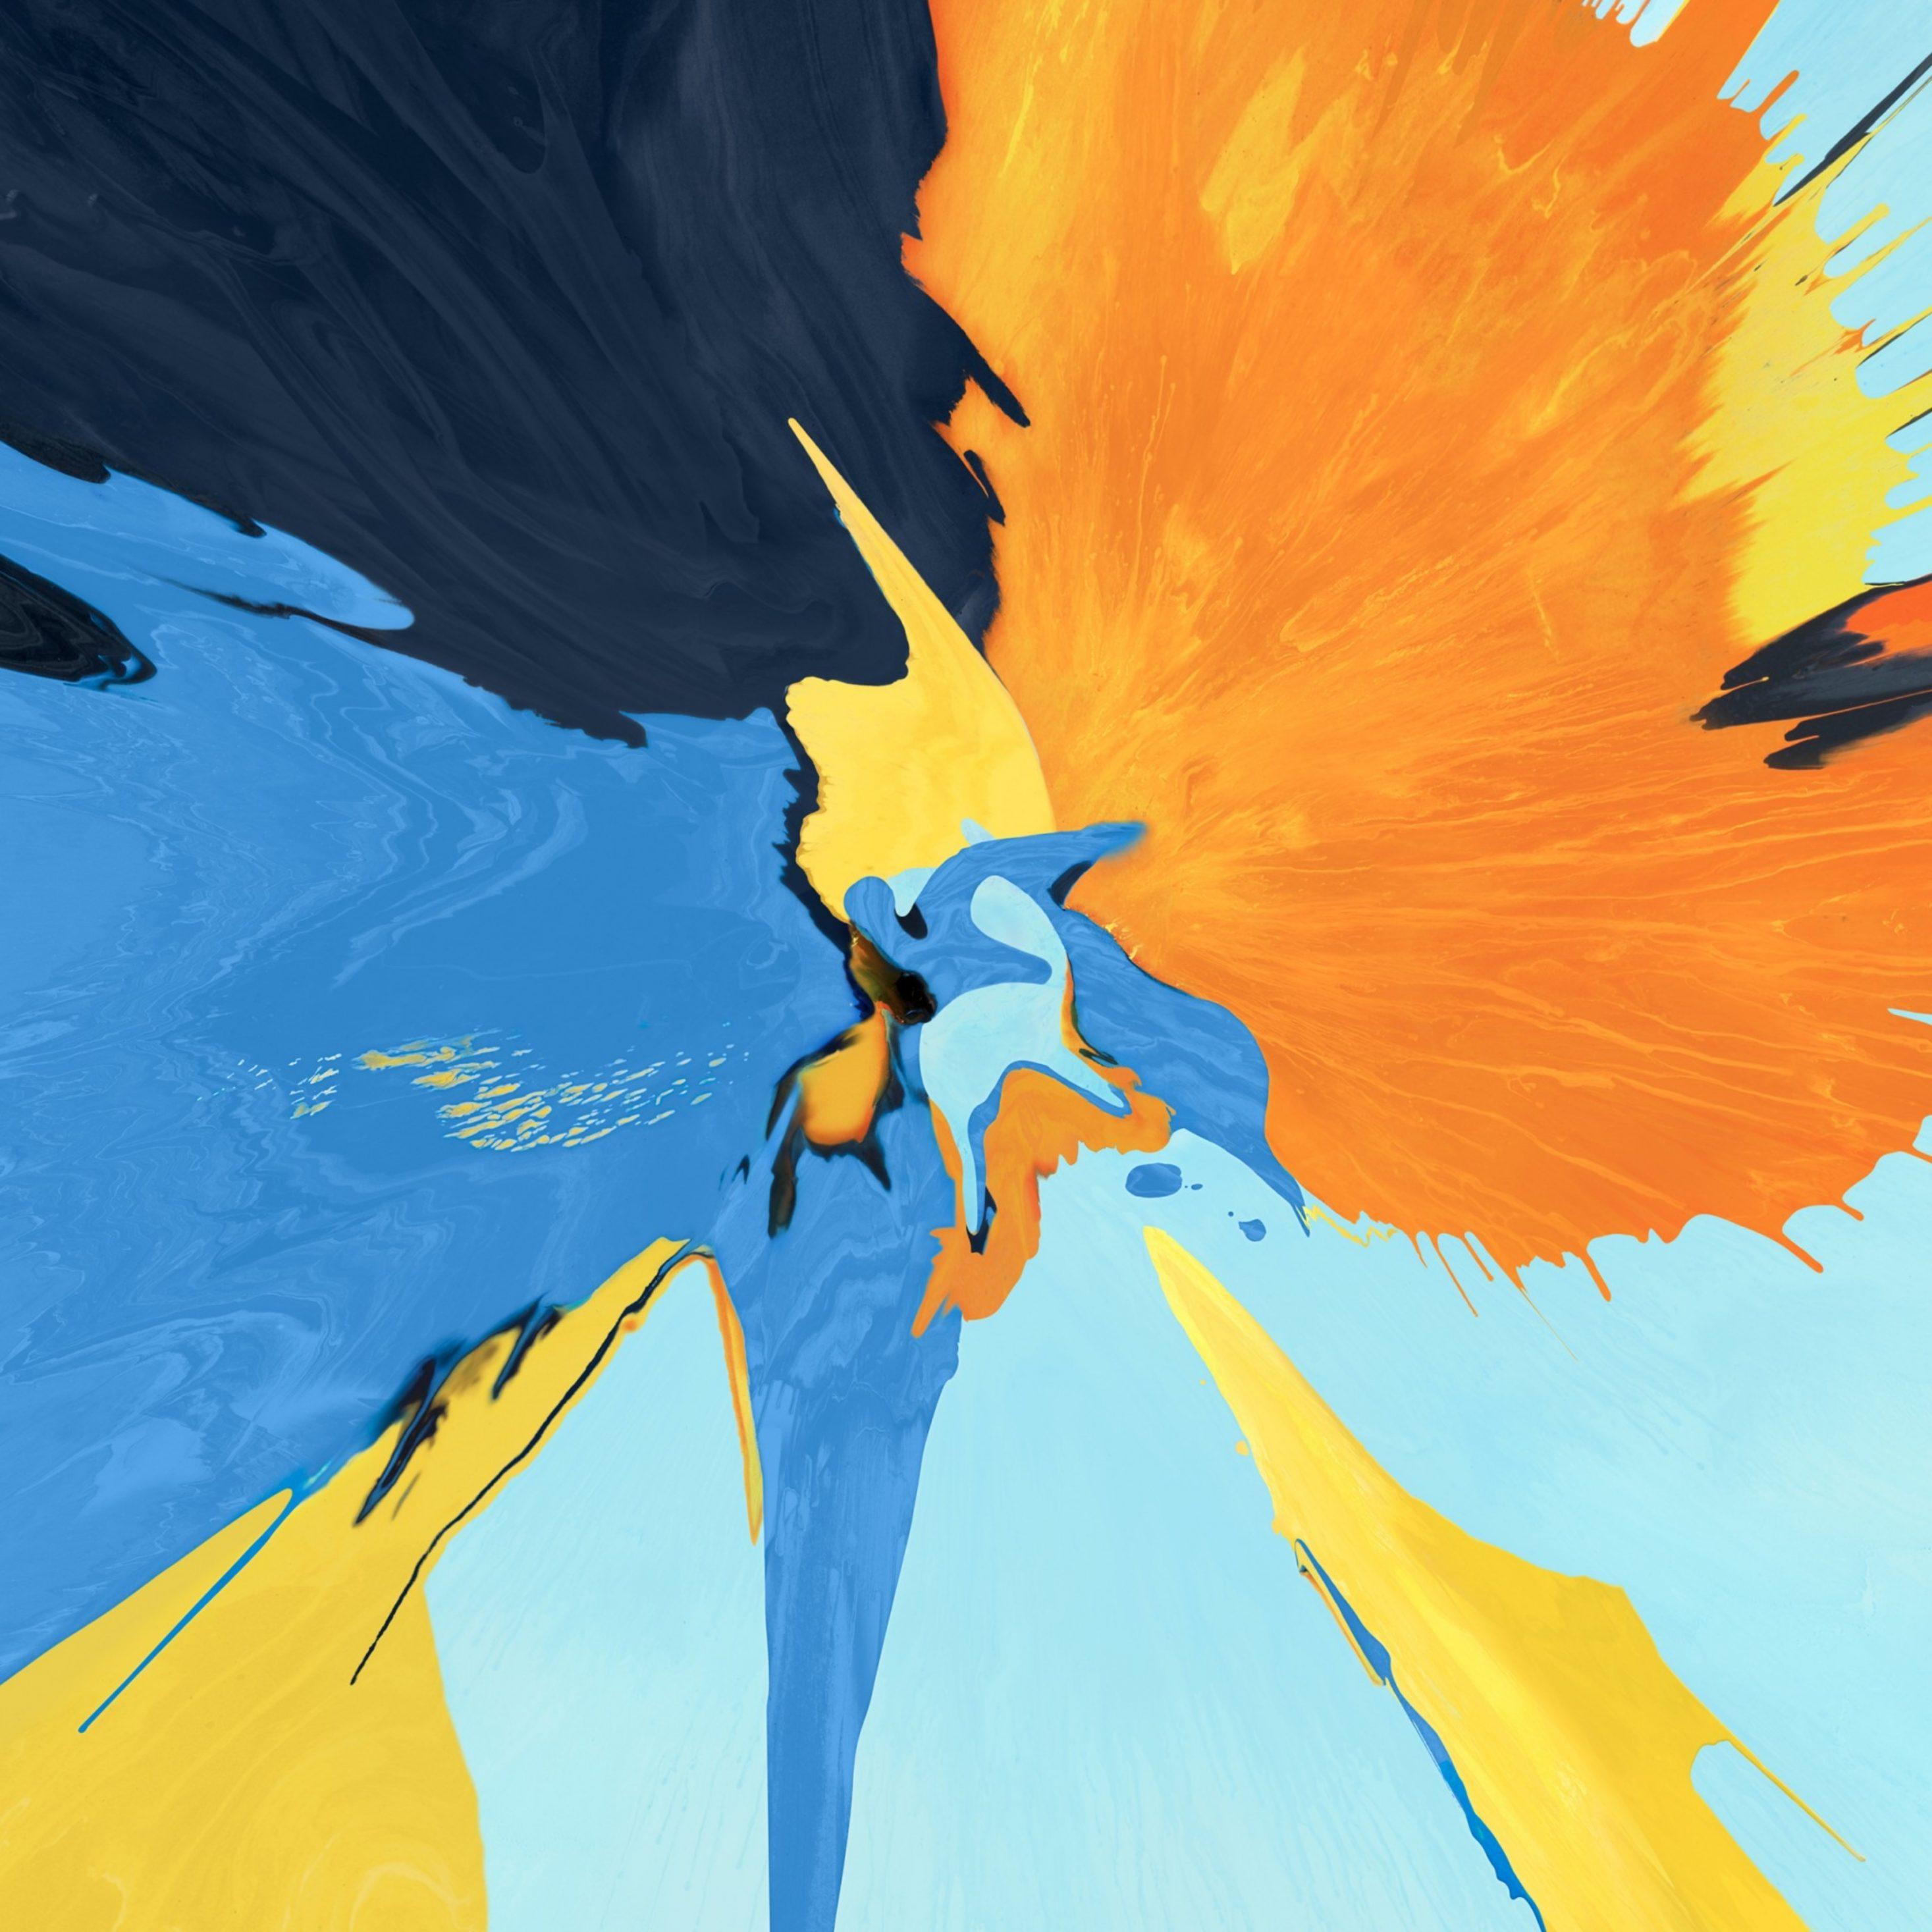 2934x2934 iOS iPad wallpaper 4k Splash Blue Yellow Black Ipad Wallpaper 2934x2934 pixels resolution